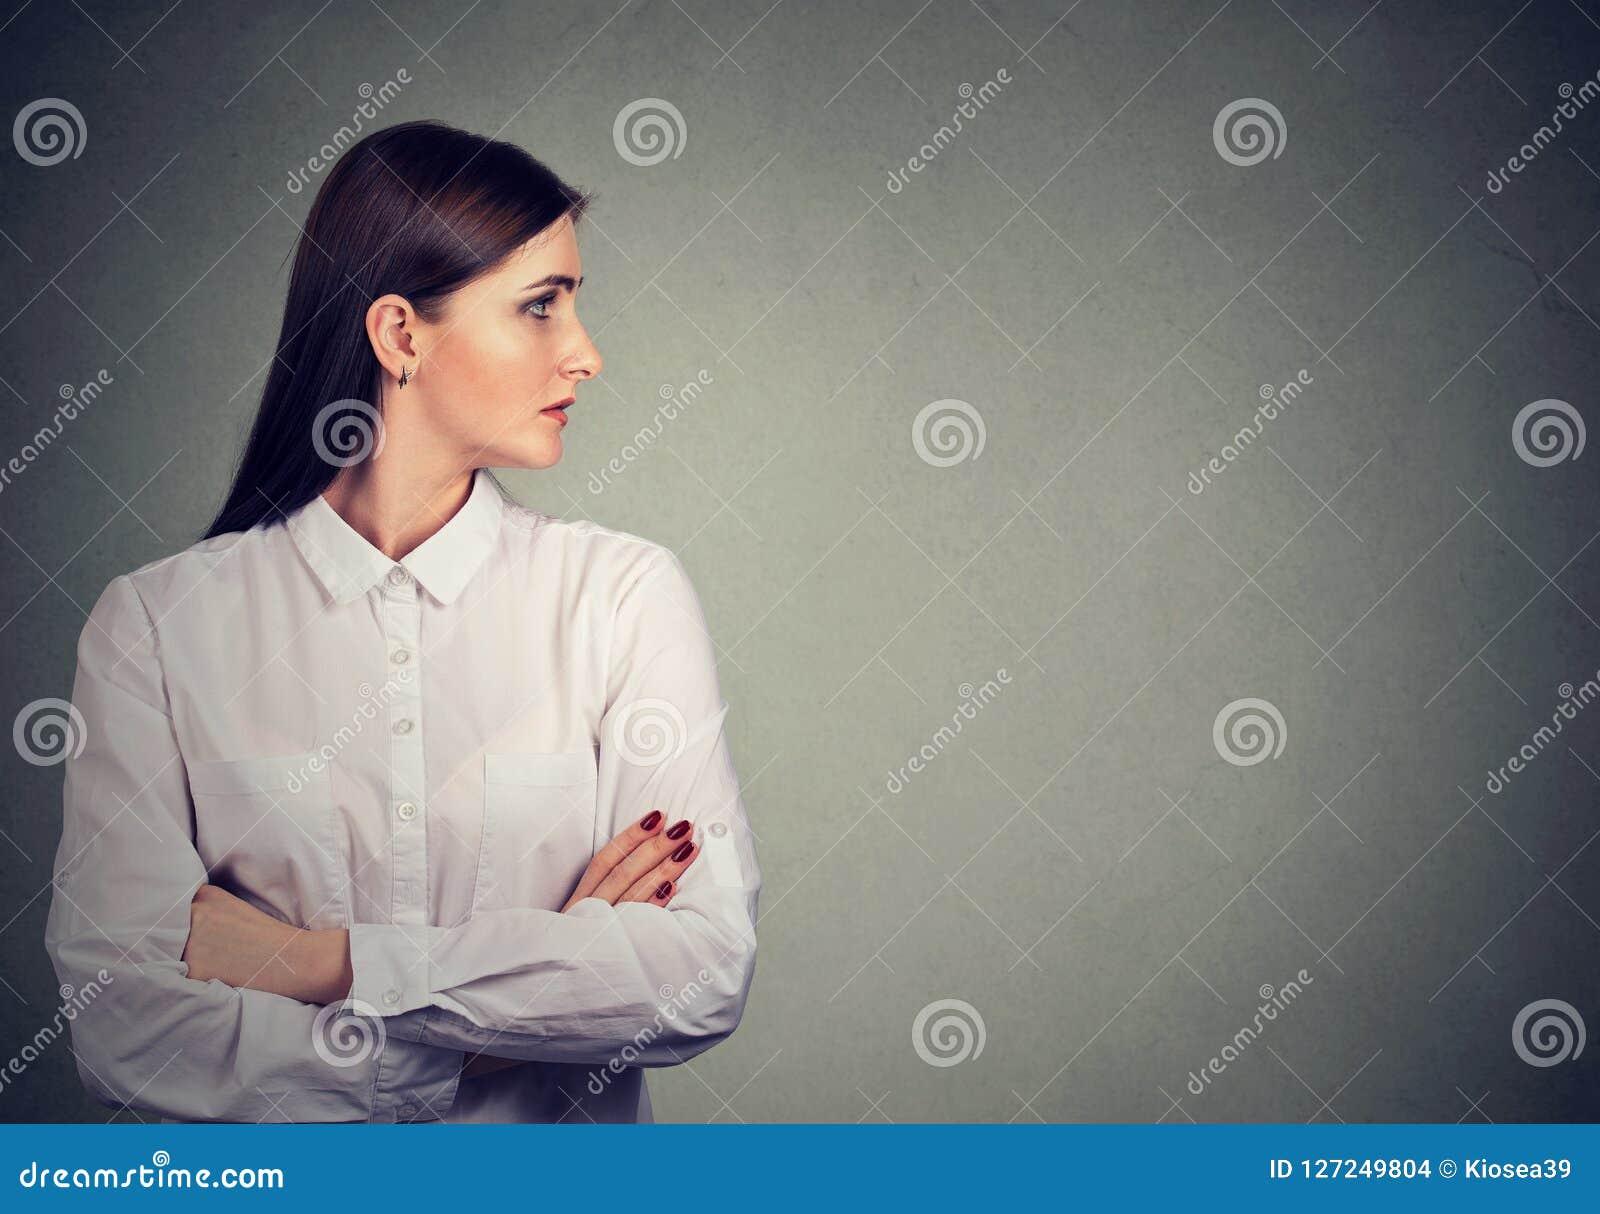 Perfil de la mujer hermosa en la blusa blanca